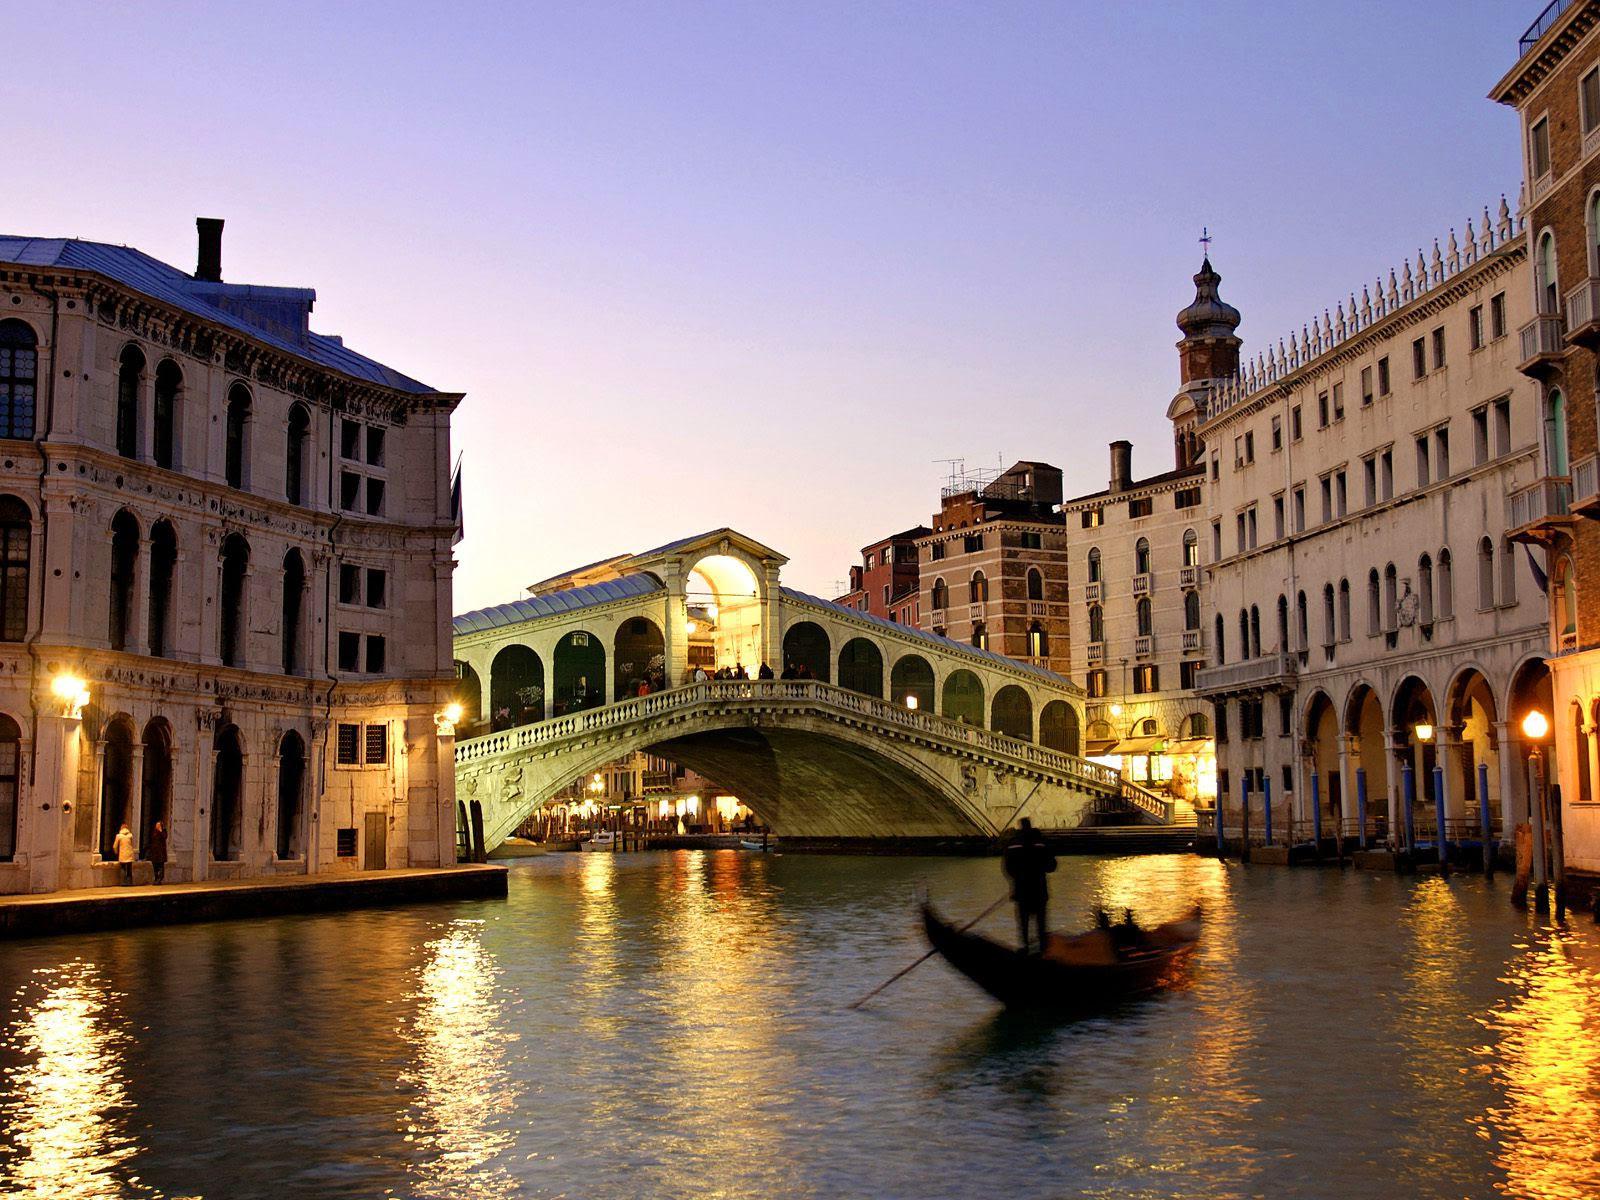 Il famoso Ponte di Rialto a Venezia, uno dei luoghi più suggestivi perfetto per una passeggiata romantica a San Valentino